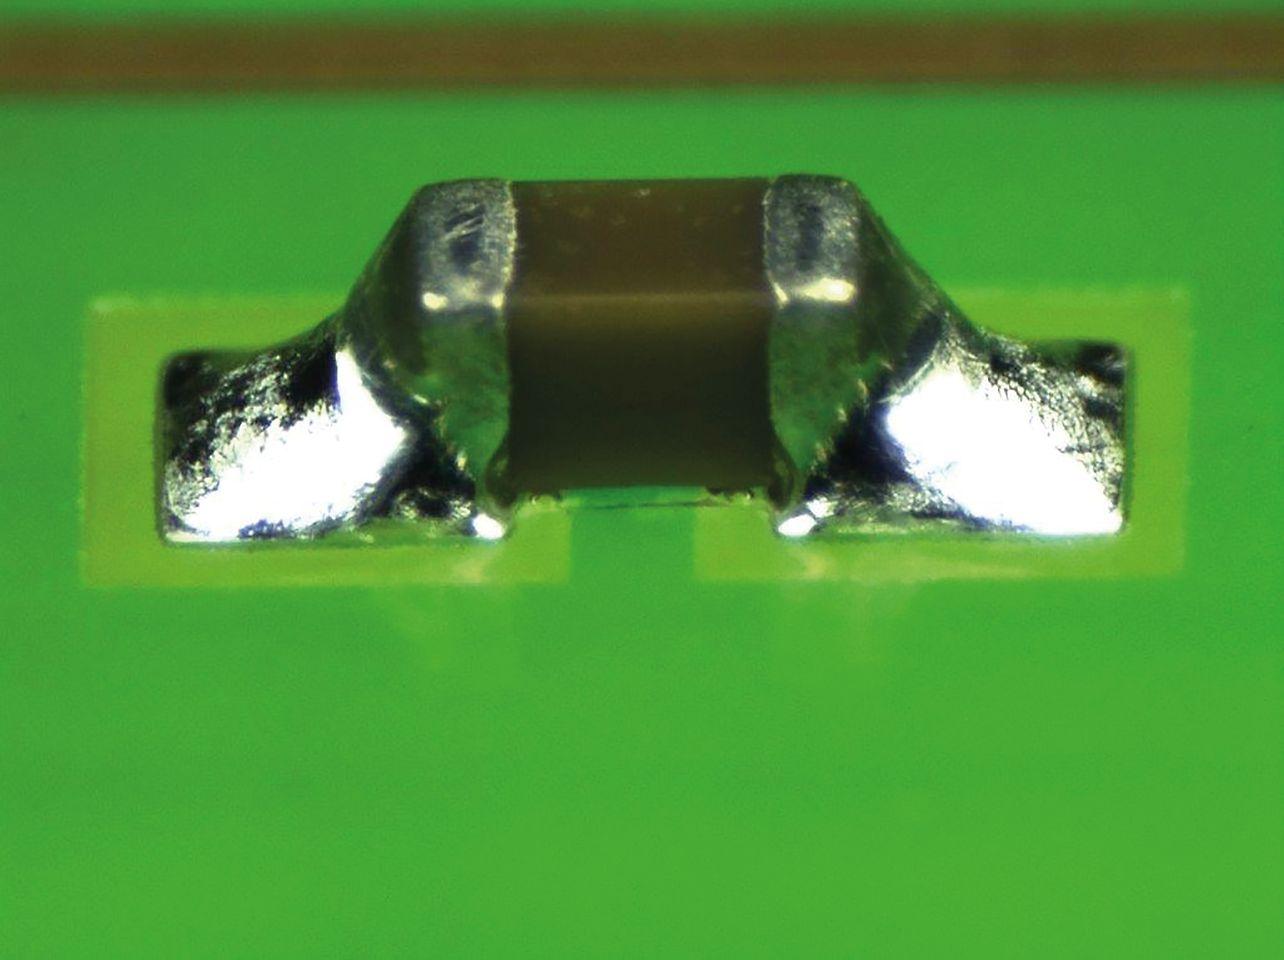 Loctite GC 10 bildet hochglänzende Lotverbindungen